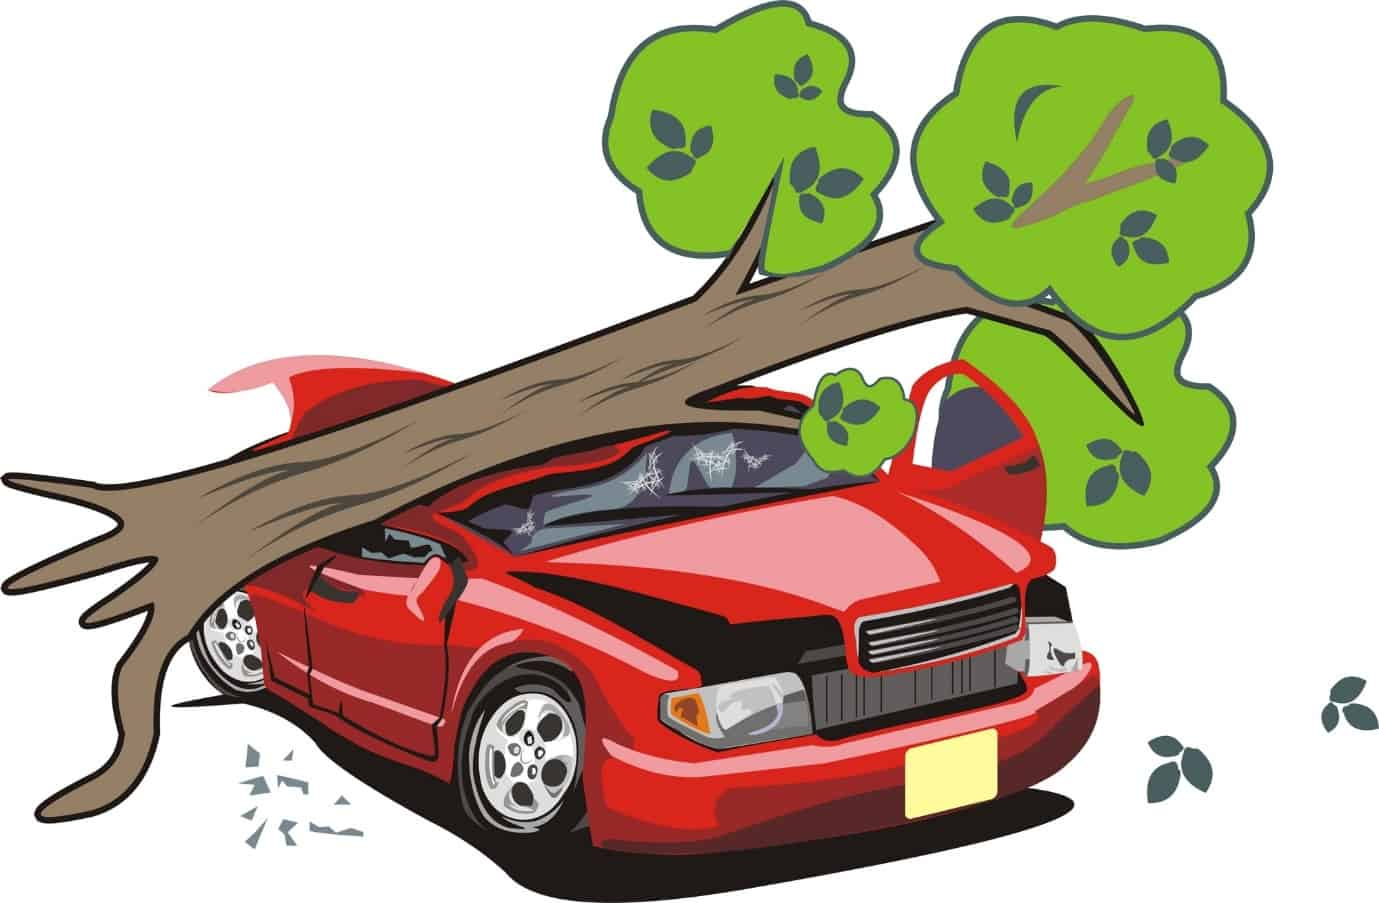 Страховой случай: причинения вреда транспортному средству в результате стихии